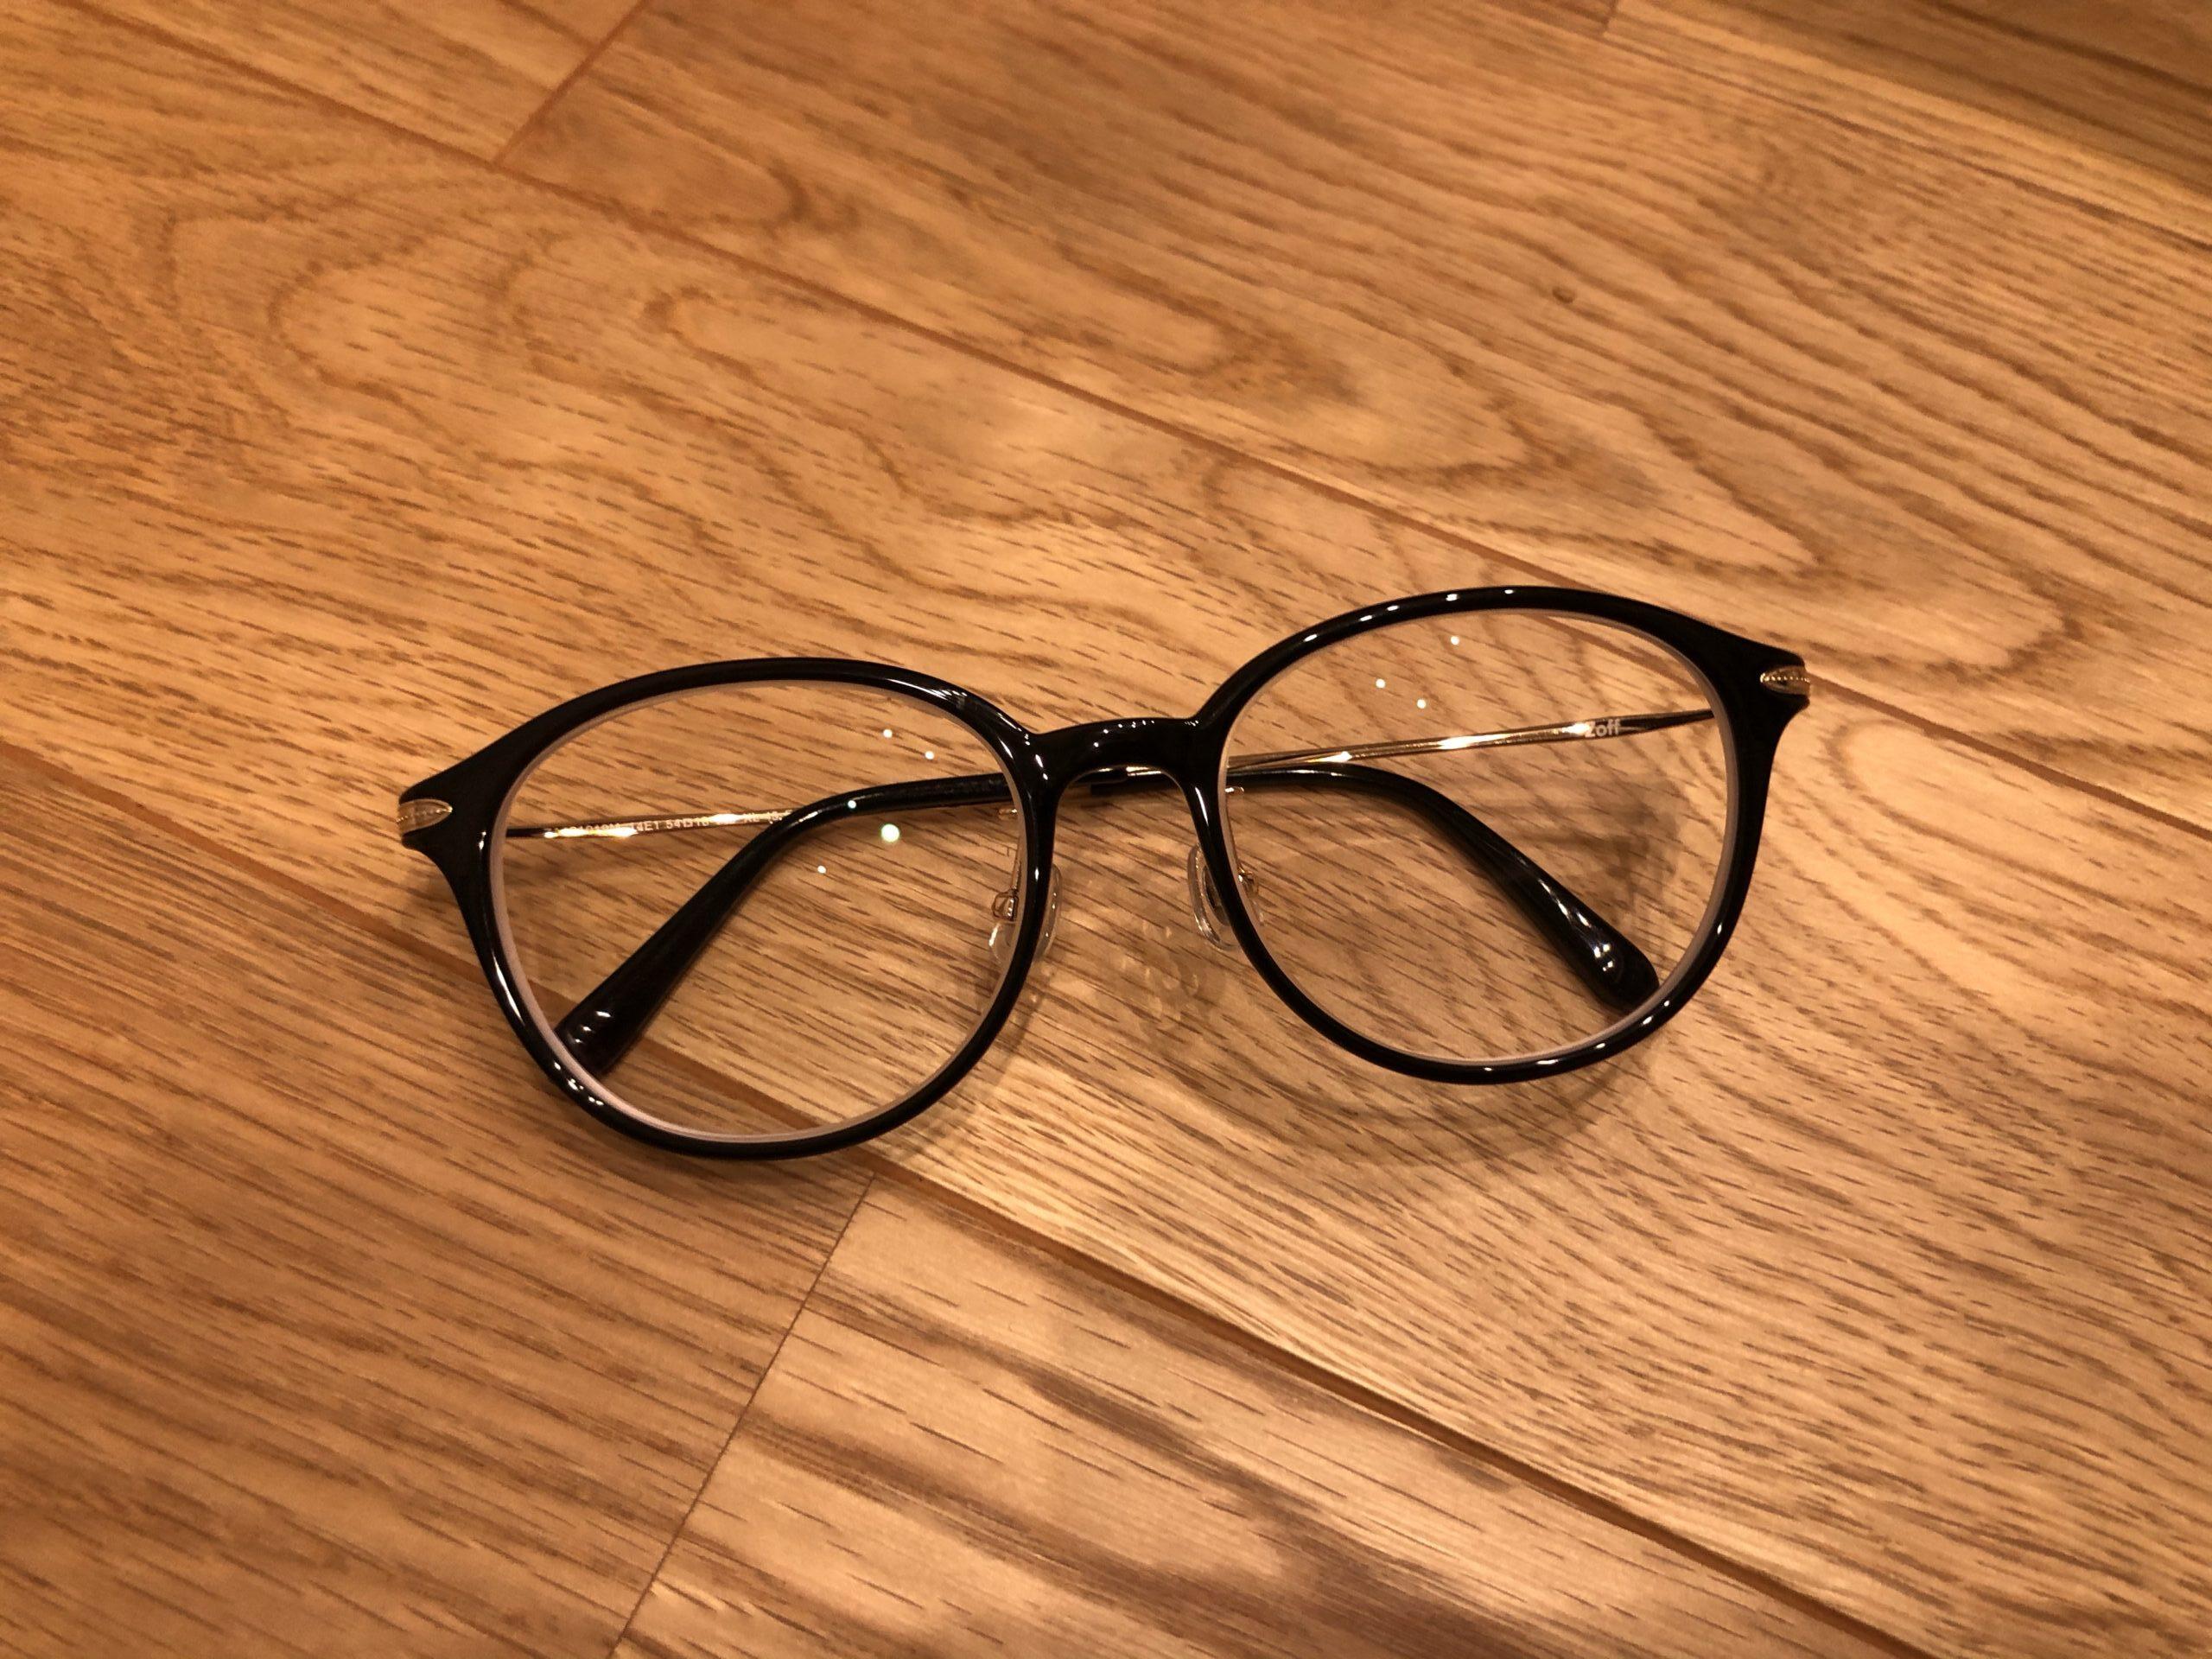 Zoffのメガネ